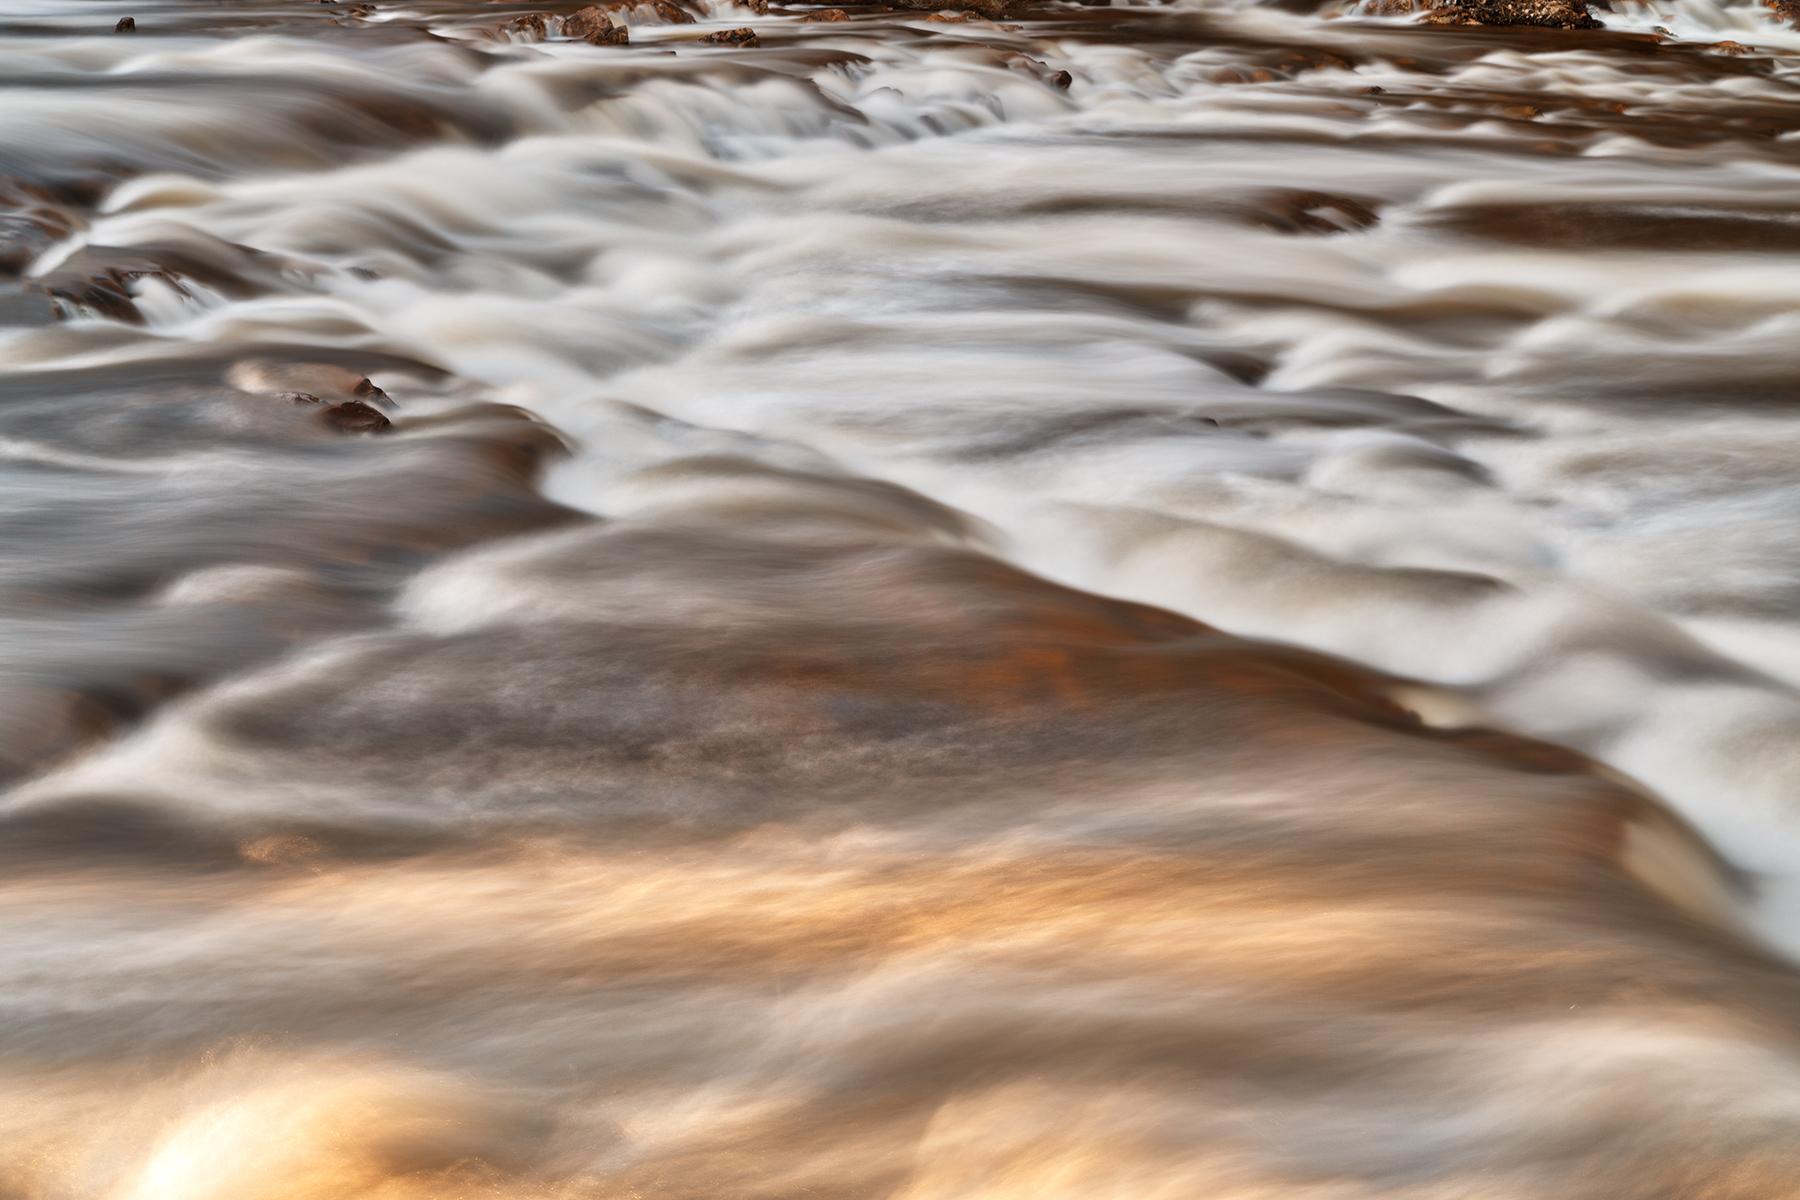 Lepreau rapids - hdr photo